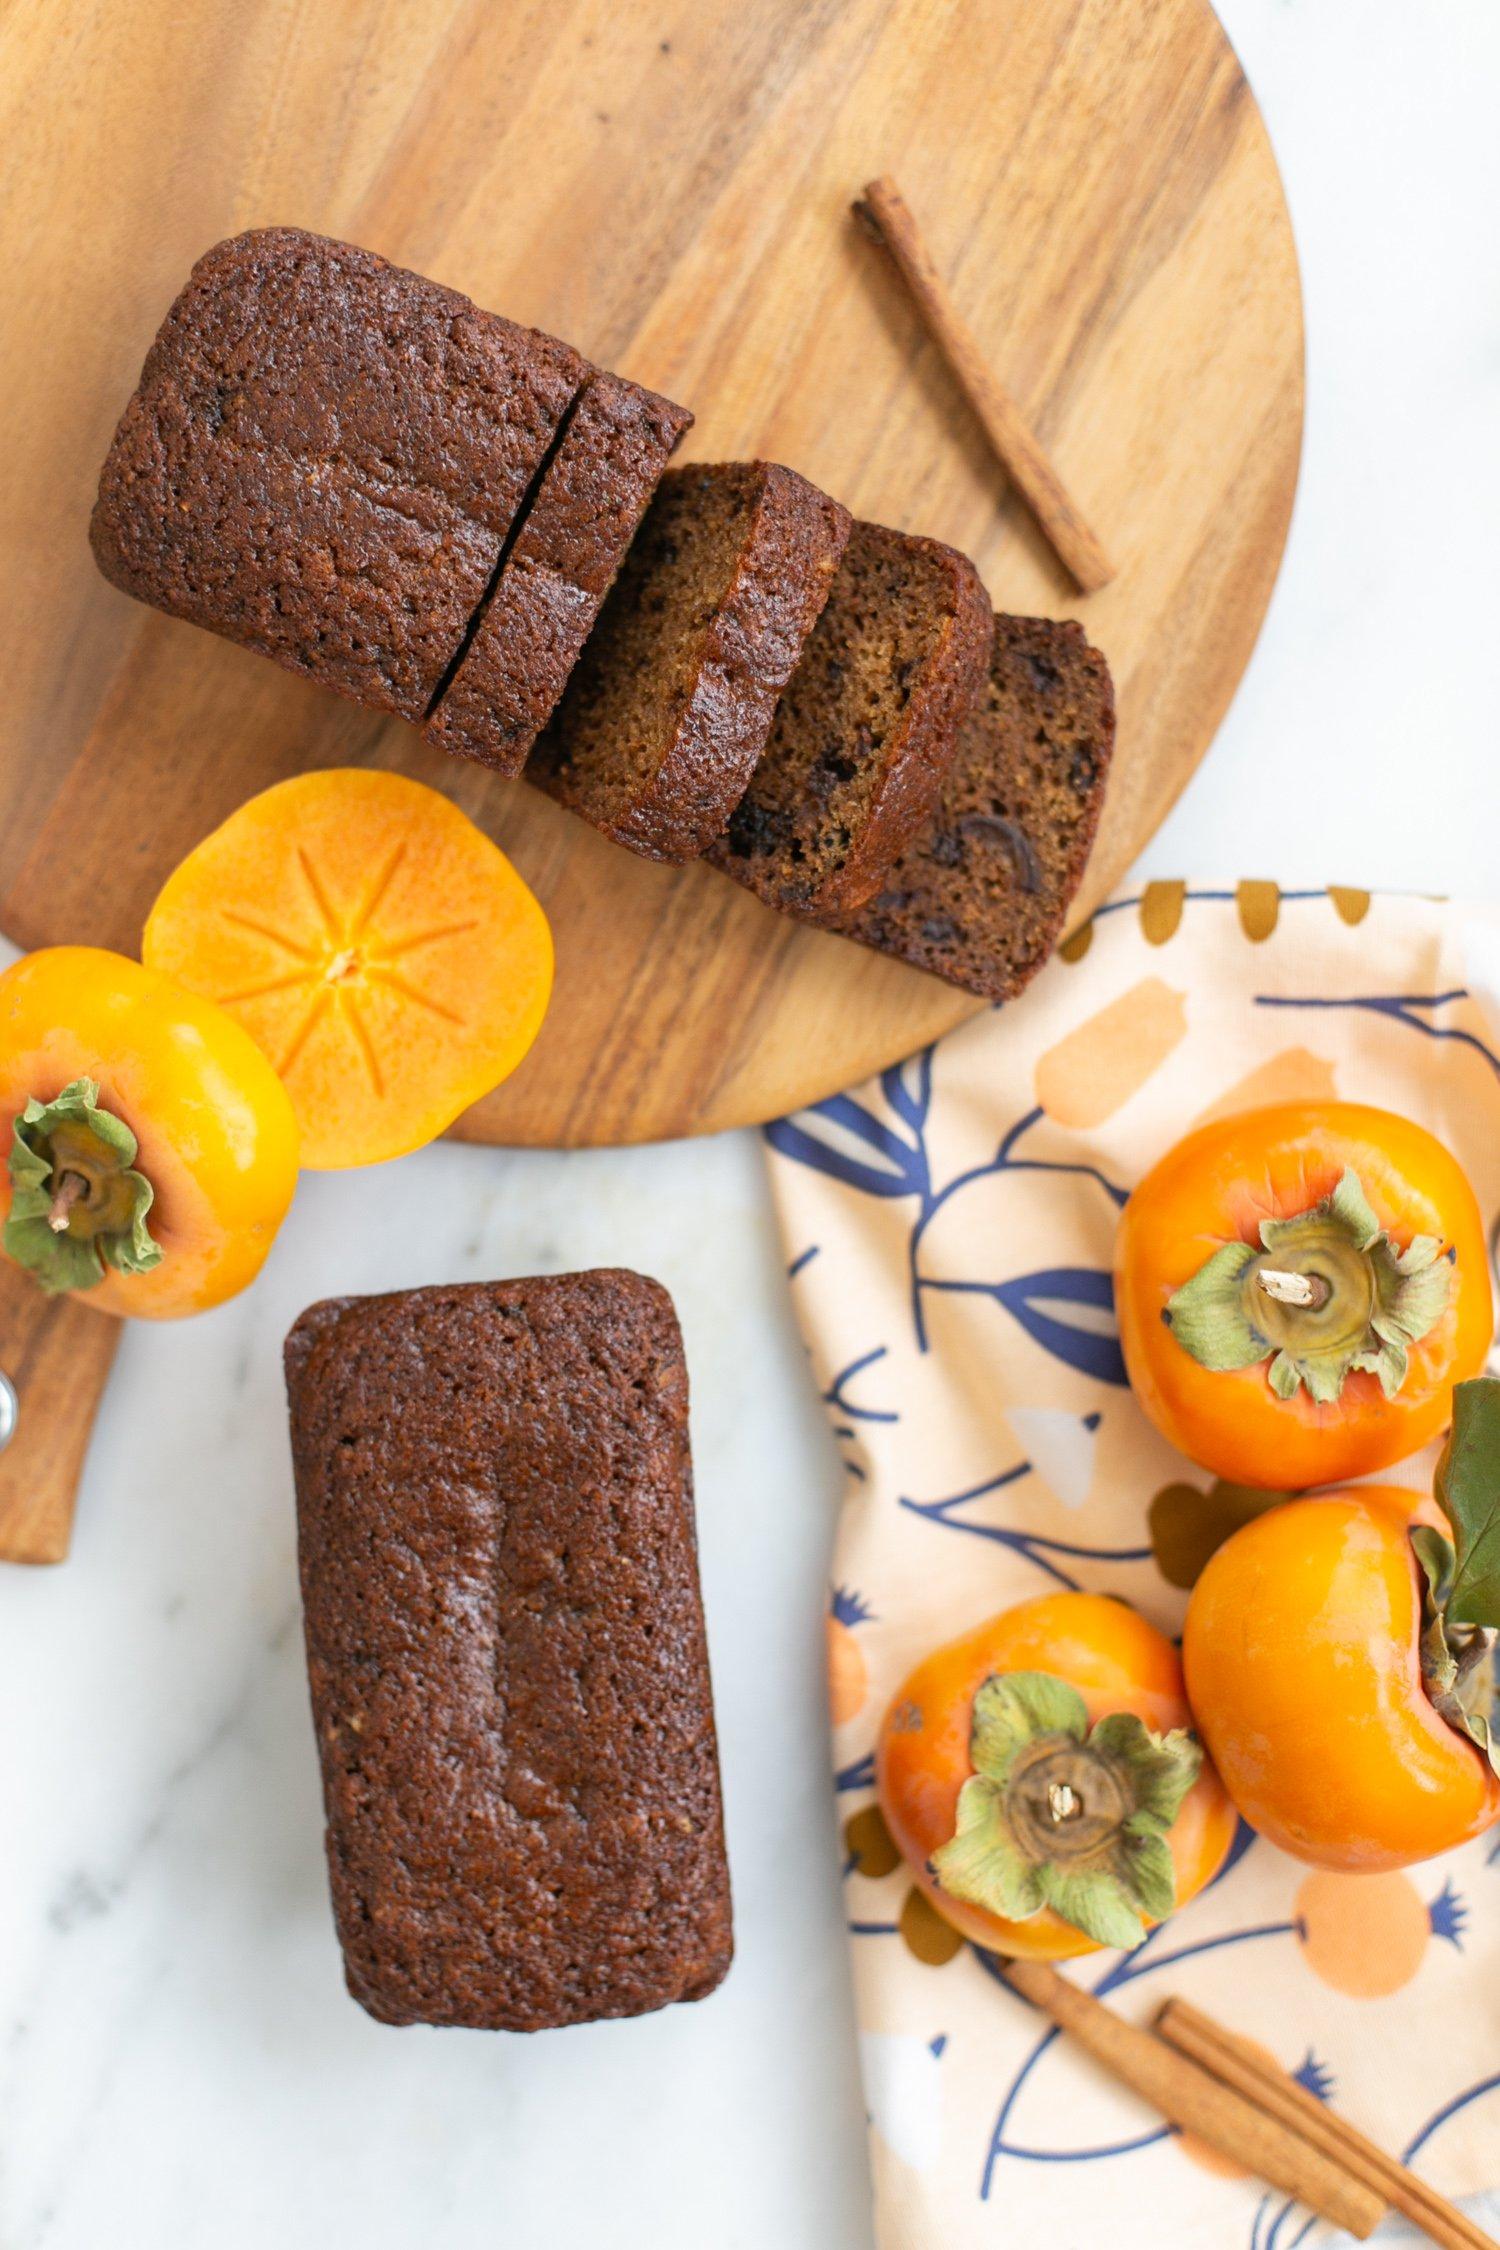 The perfect persimmon bread recipe